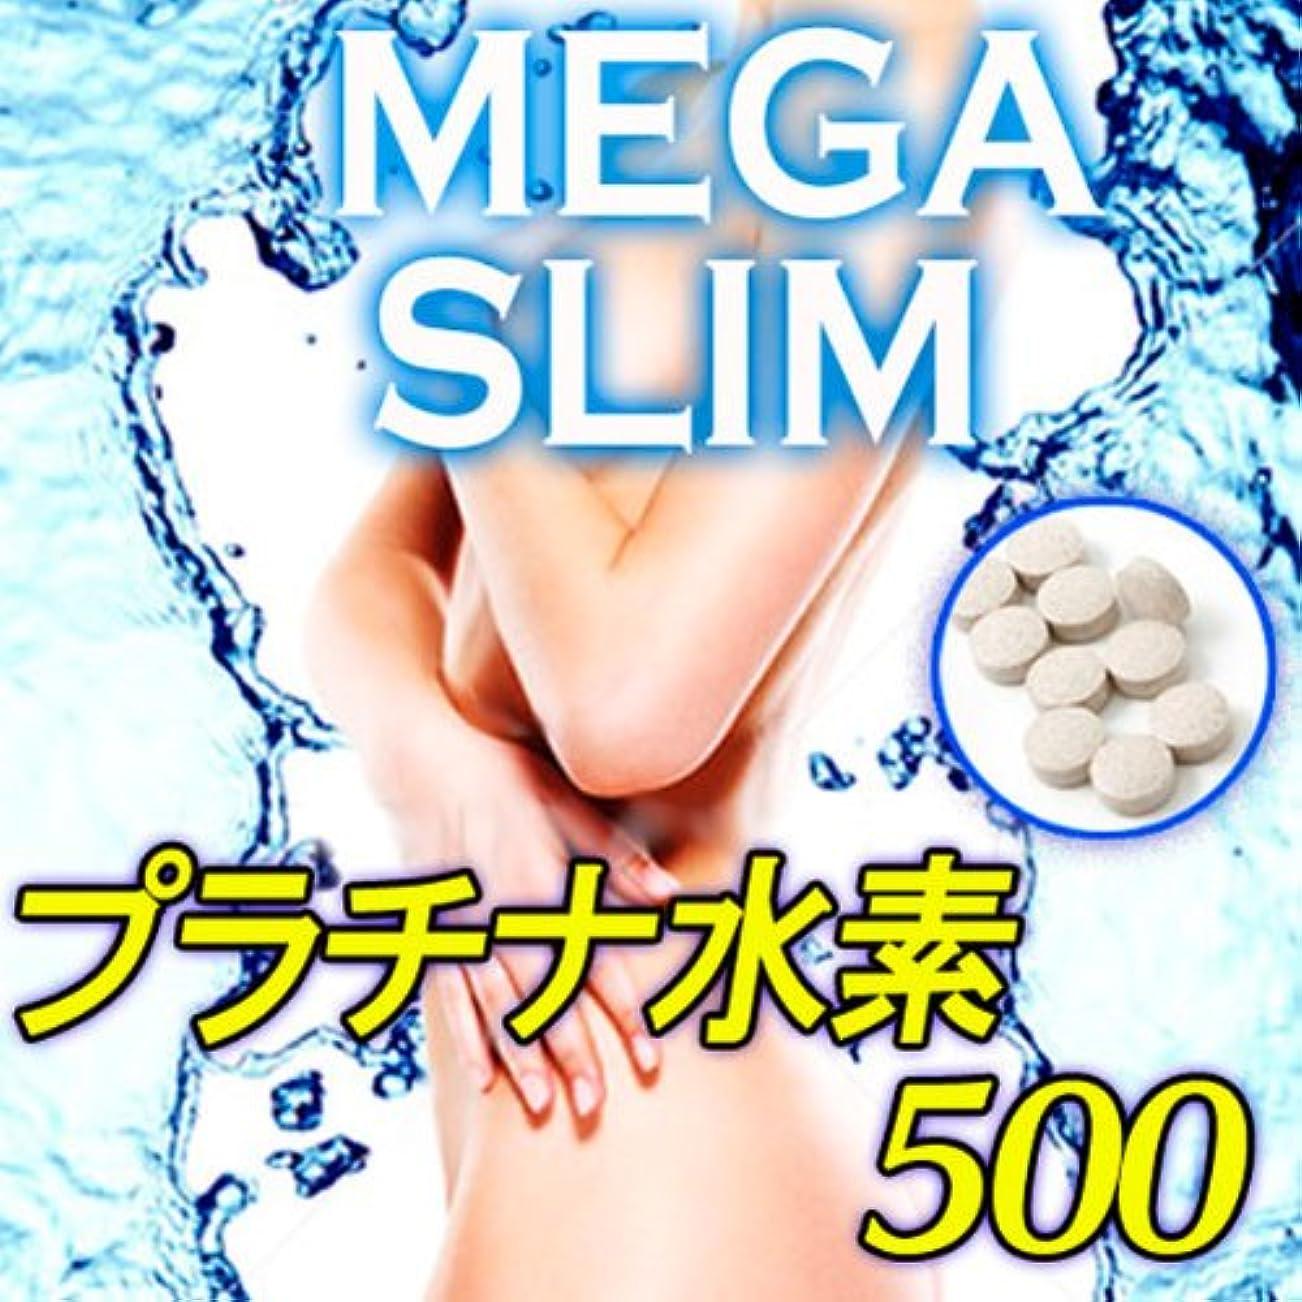 政権変成器取り組むメガスリム プラチナ水素500 (1個)